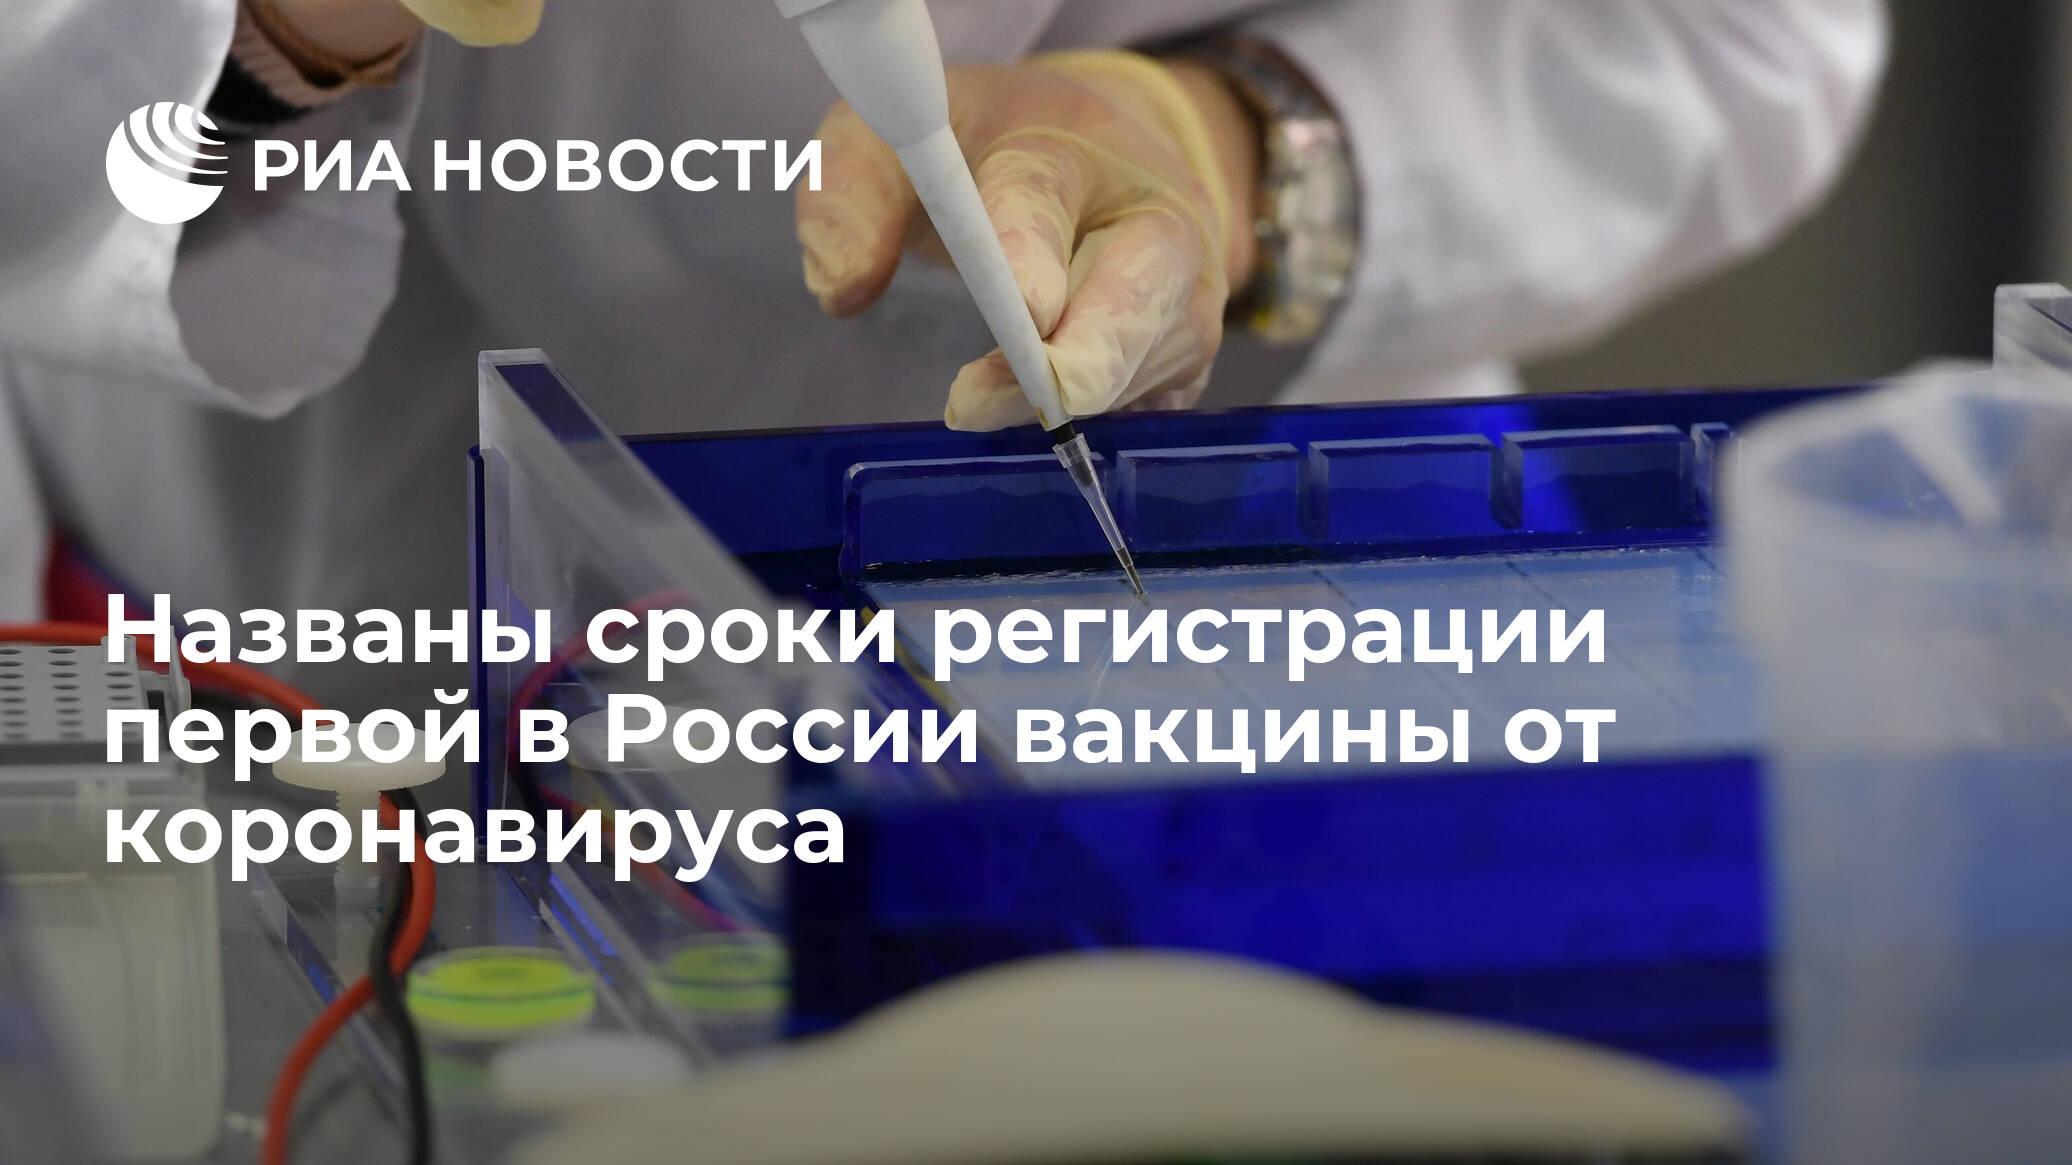 Регистрация вакцины от COVID-19 в России ожидается в течение 10 дней